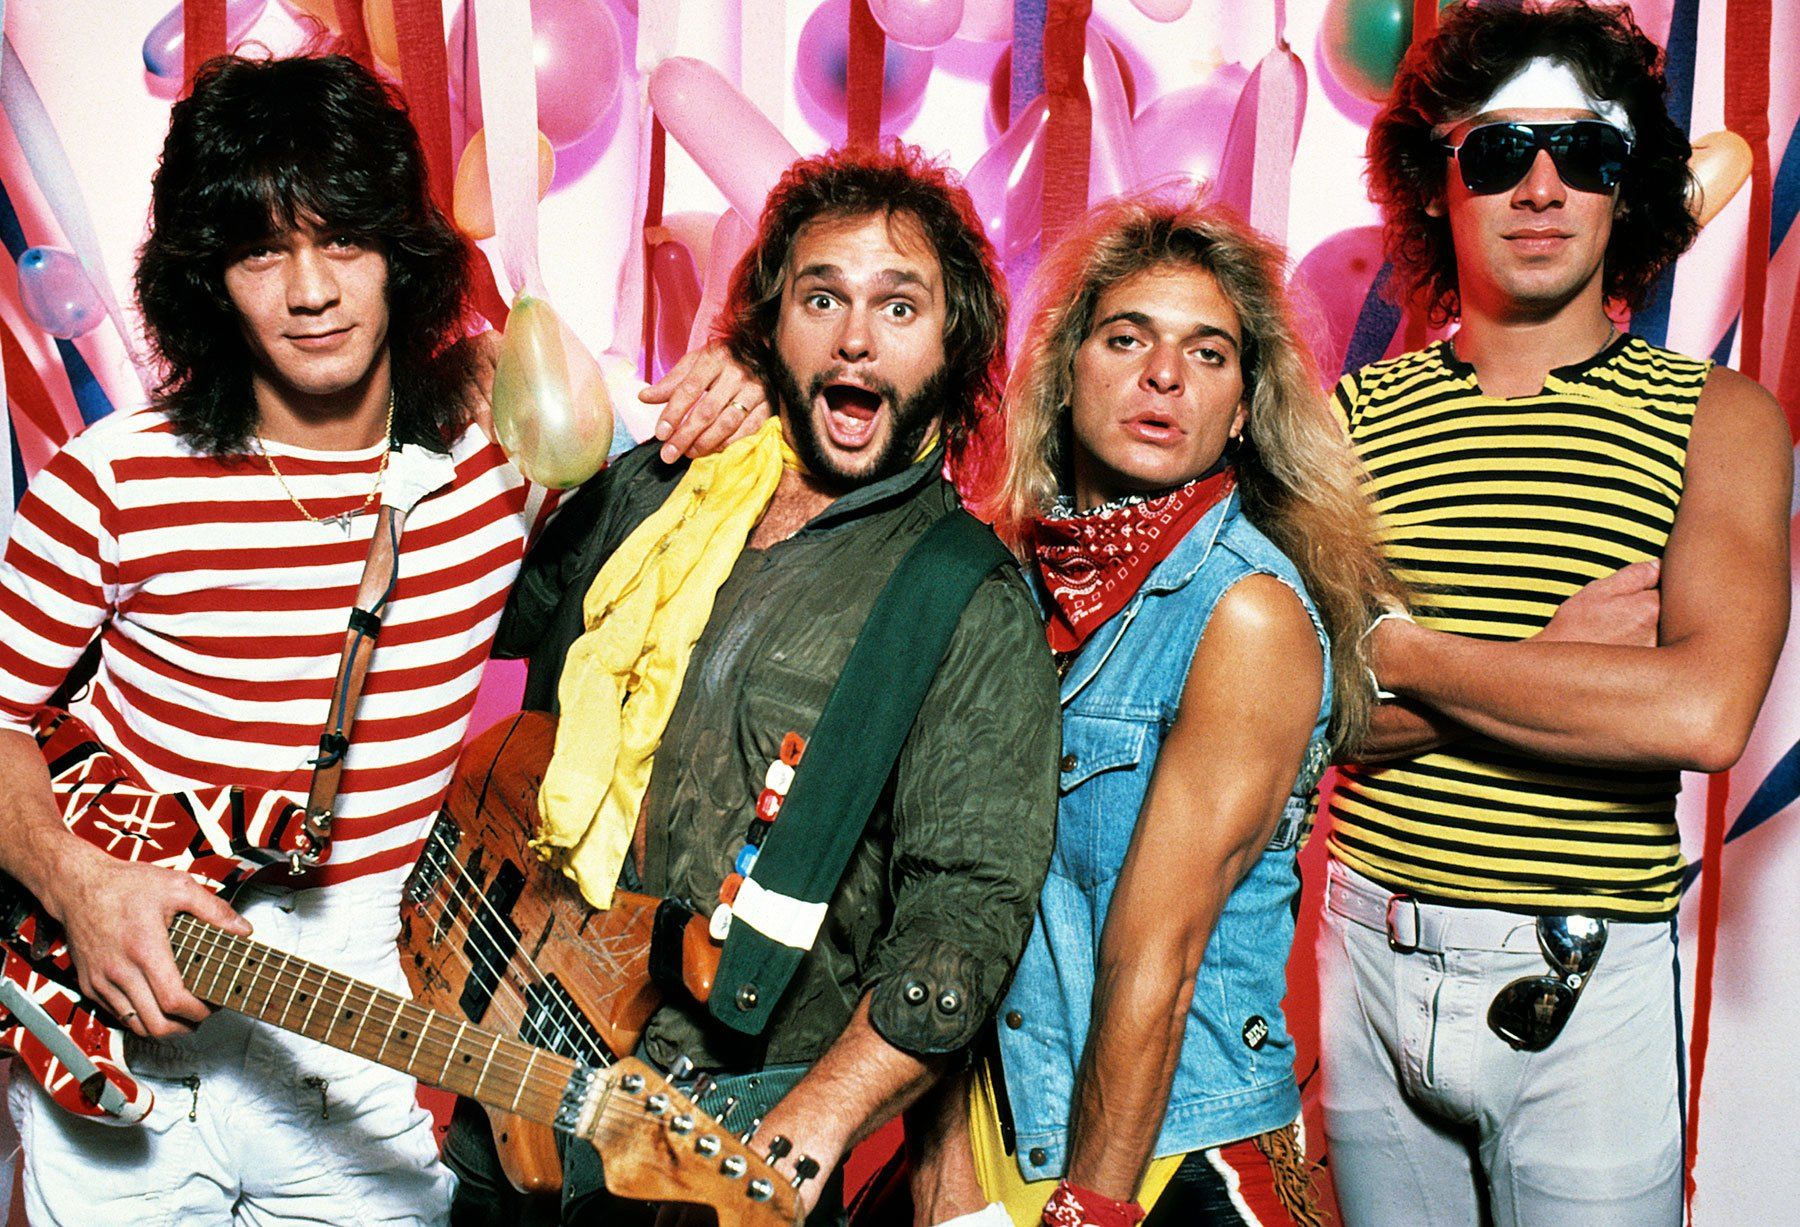 Eddie Van Halen David Lee Roth And Michael Anthony 1983 Van Halen Eddie Van Halen David Lee Roth